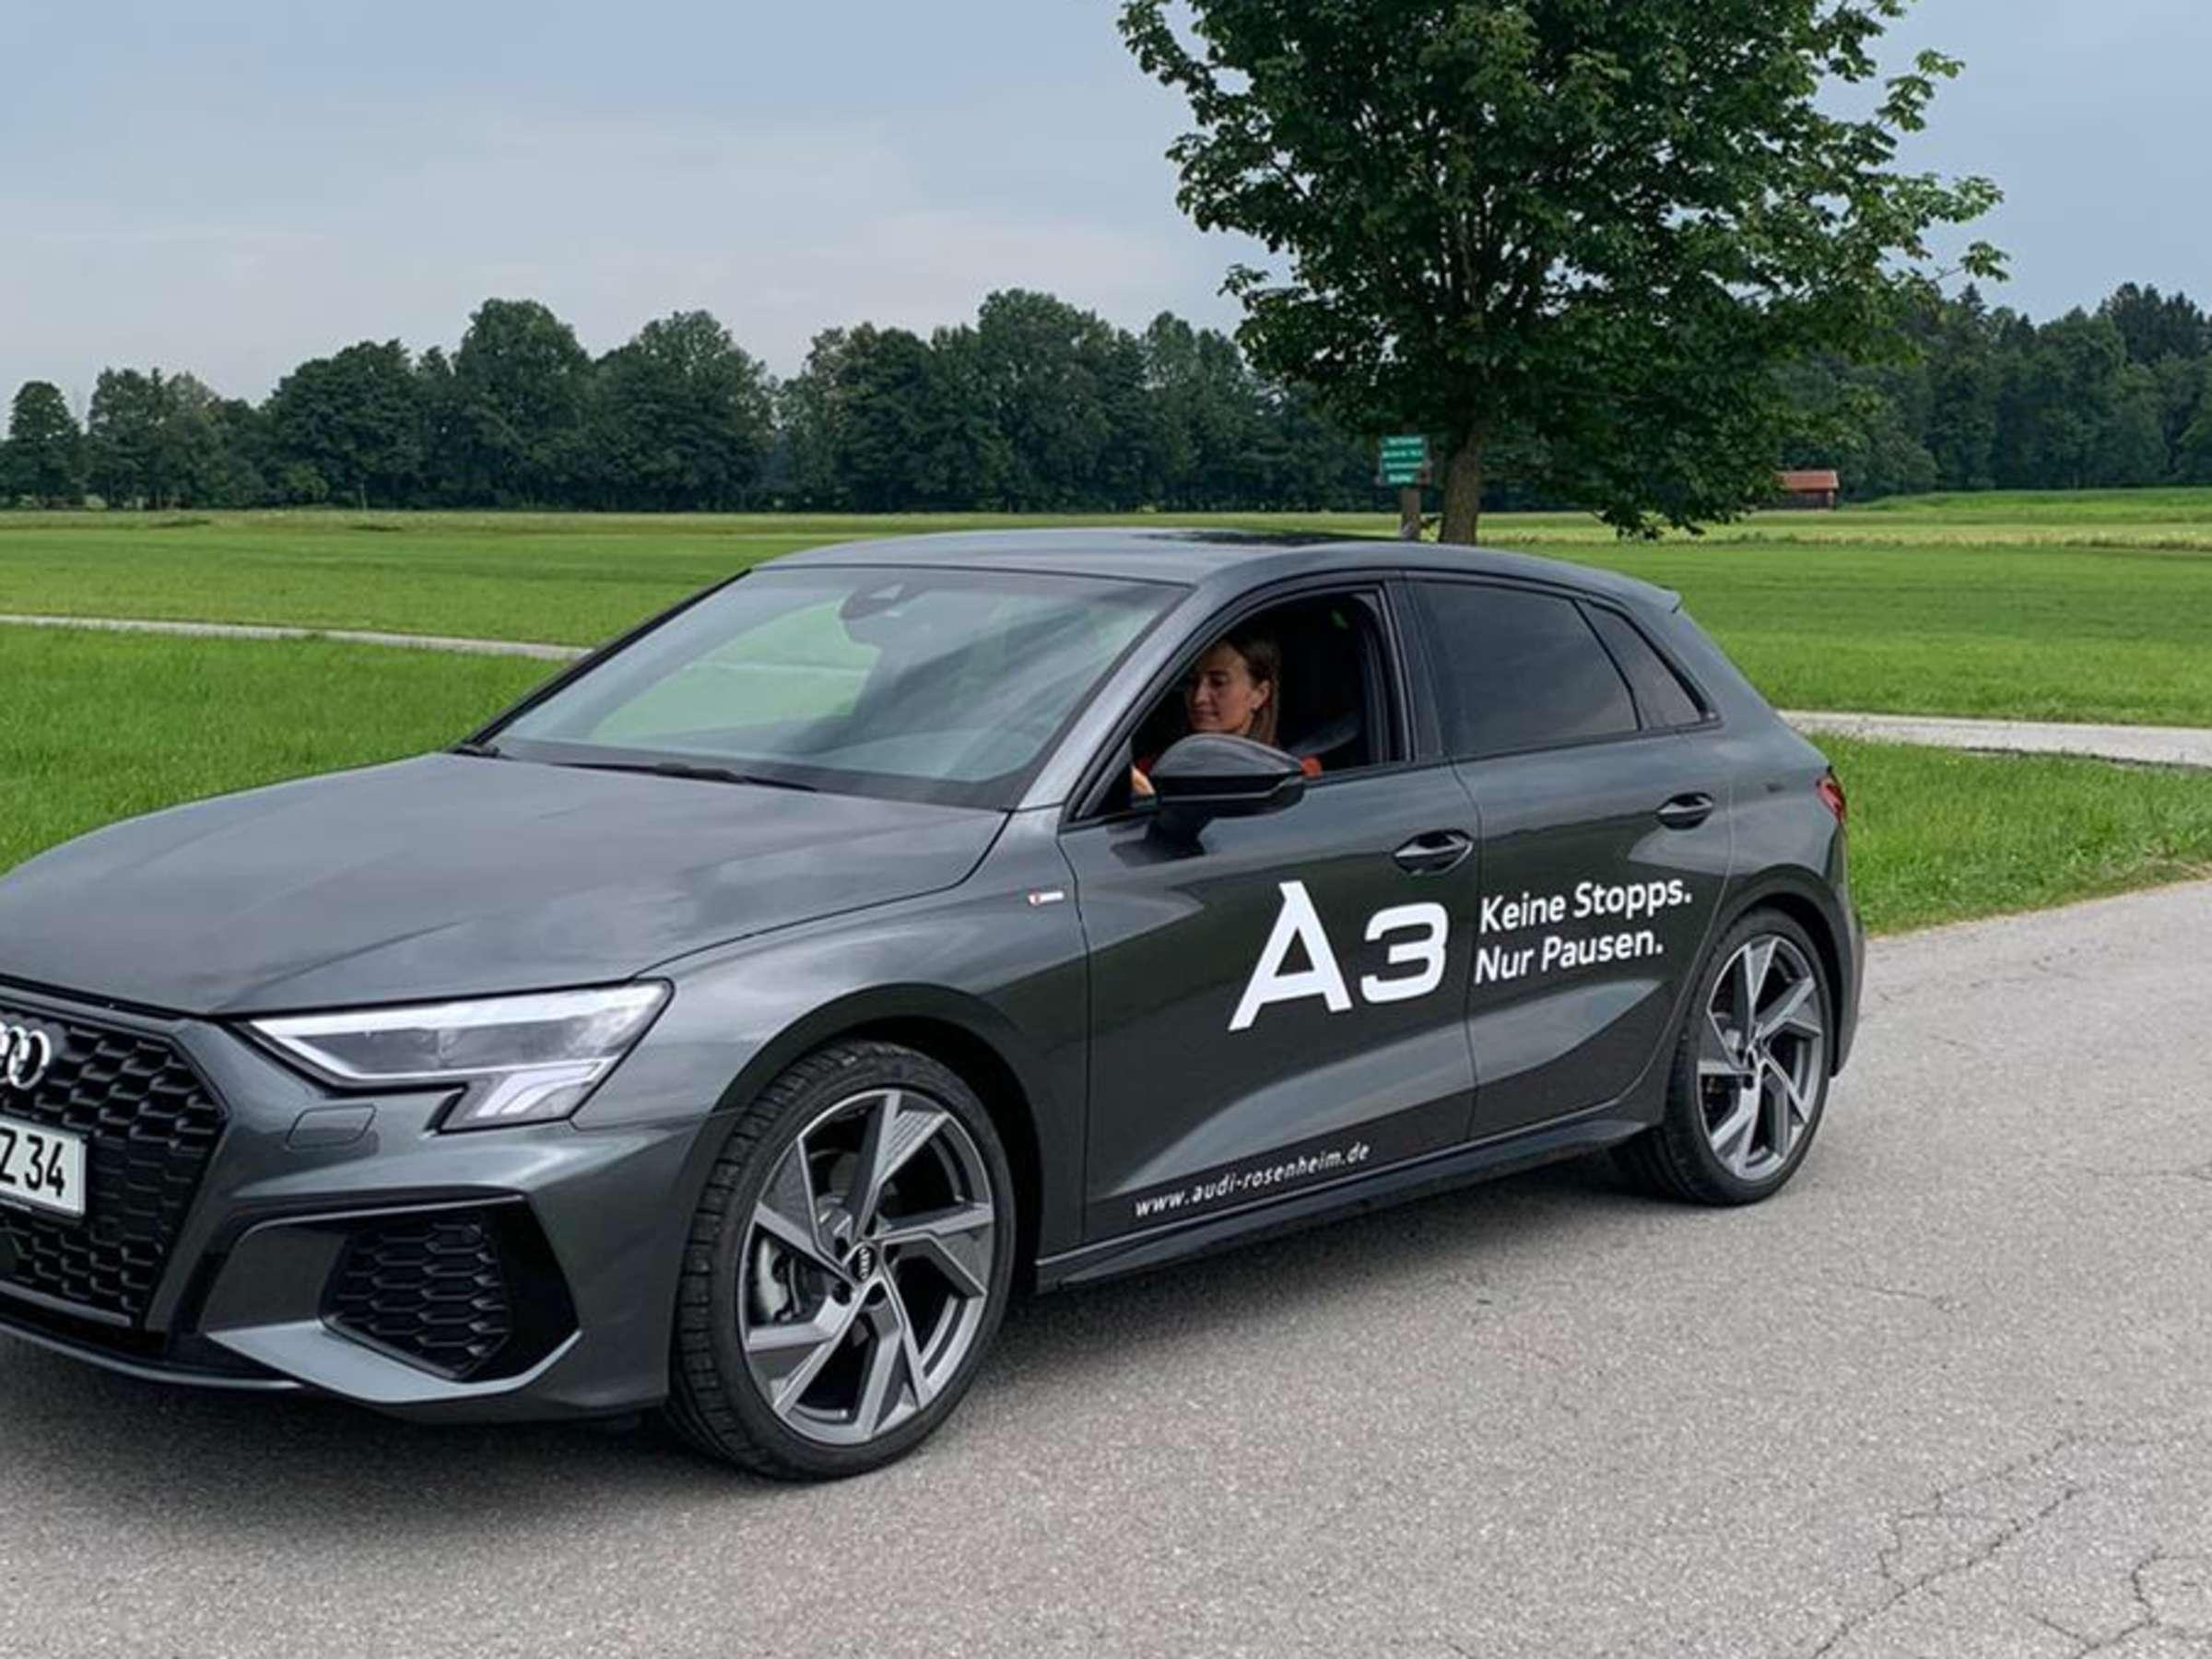 2020 Audi A3 Images